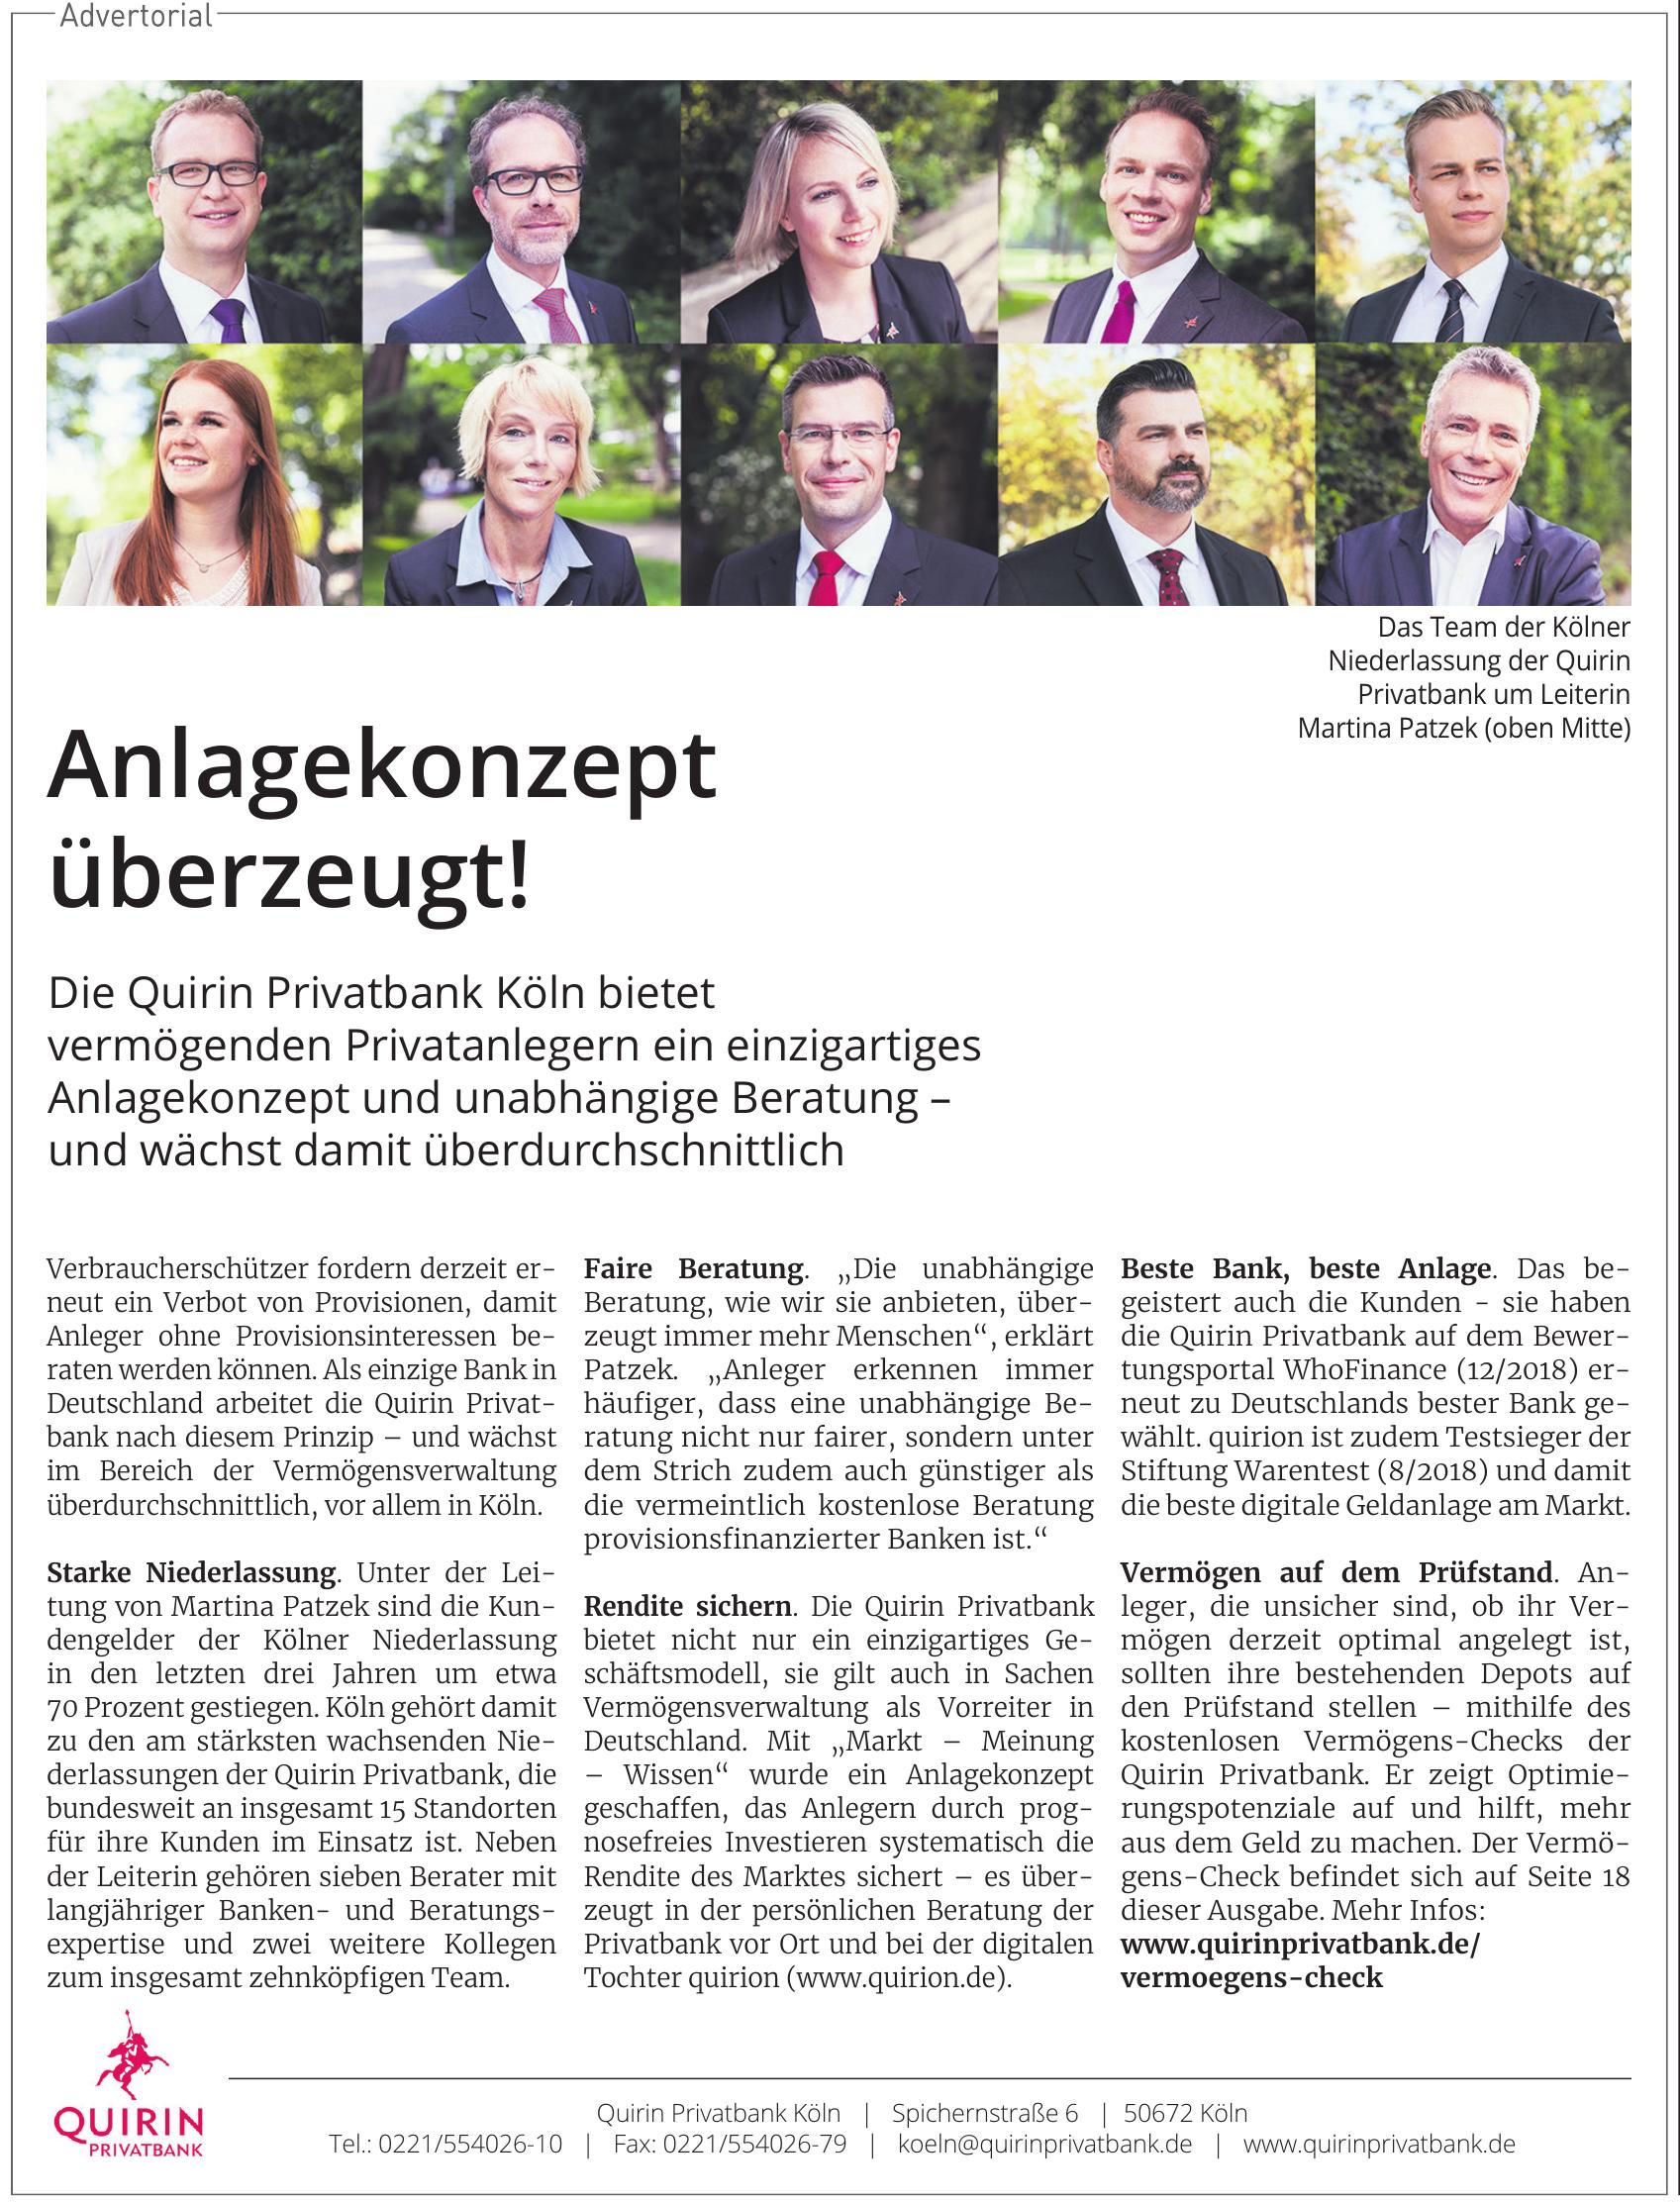 Quirin Privatbank AG